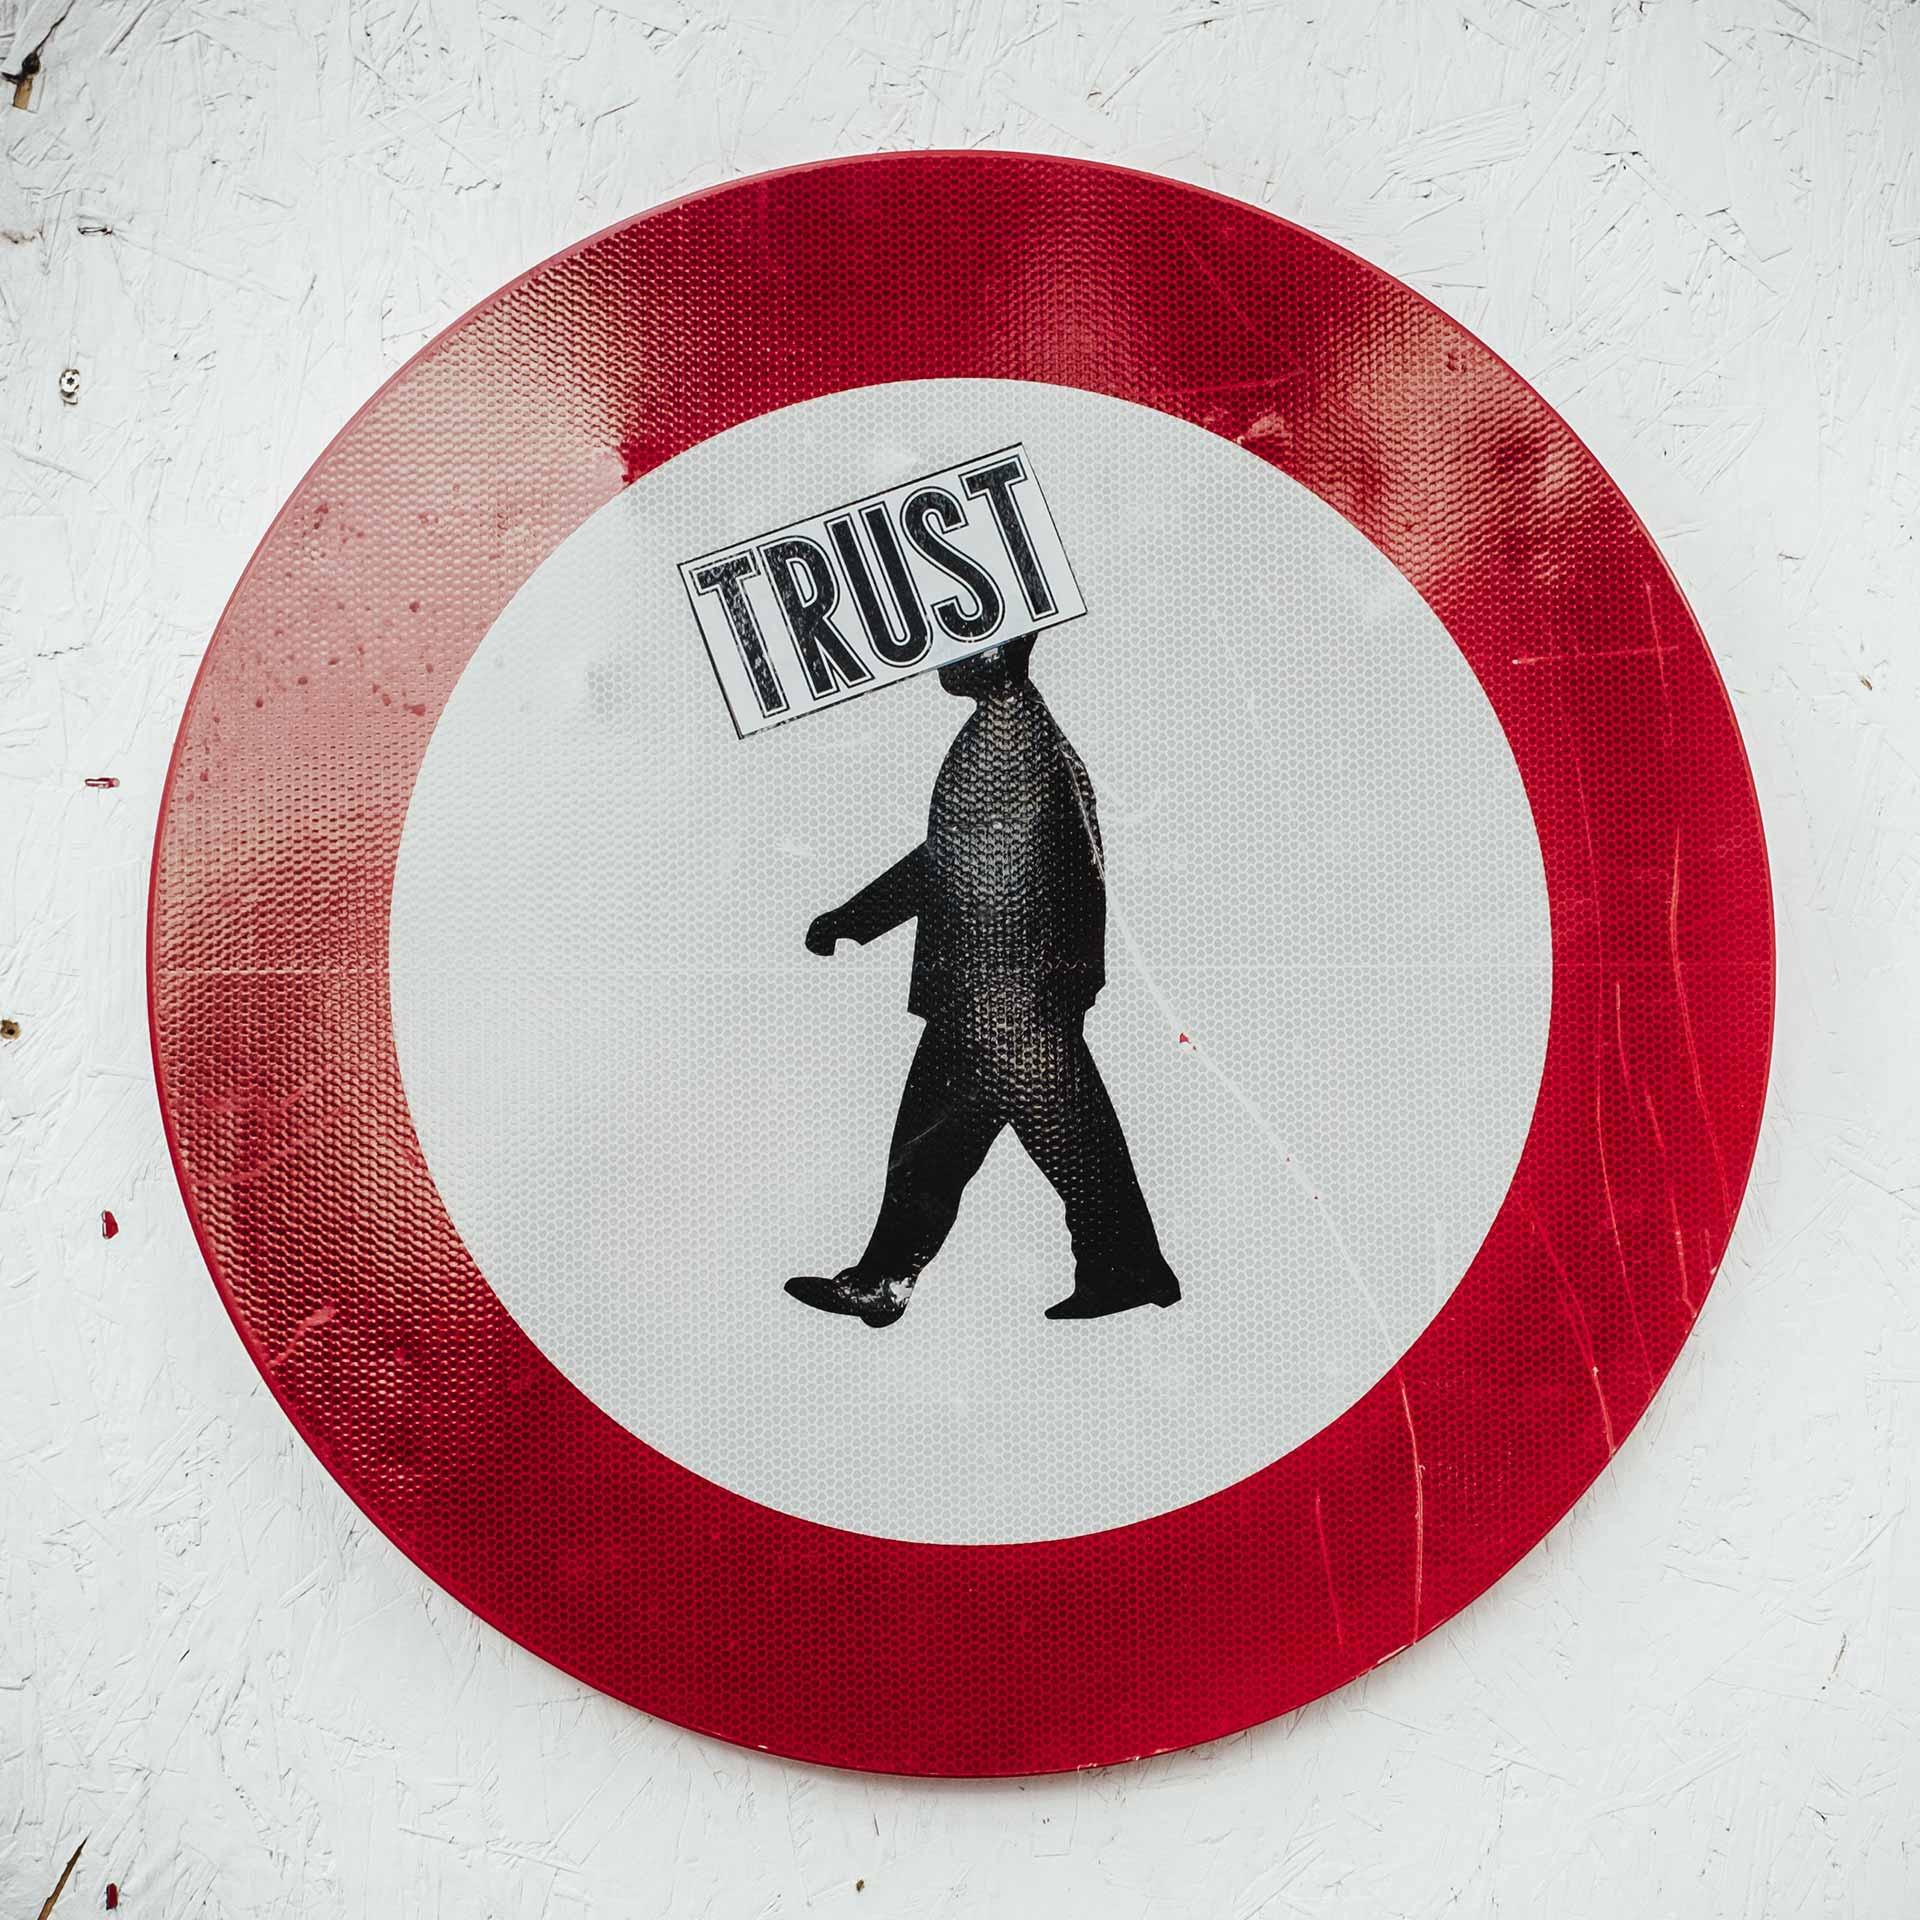 Vertrauen und Leichtgläubigkeit: Schild mit Trust Aufkleber